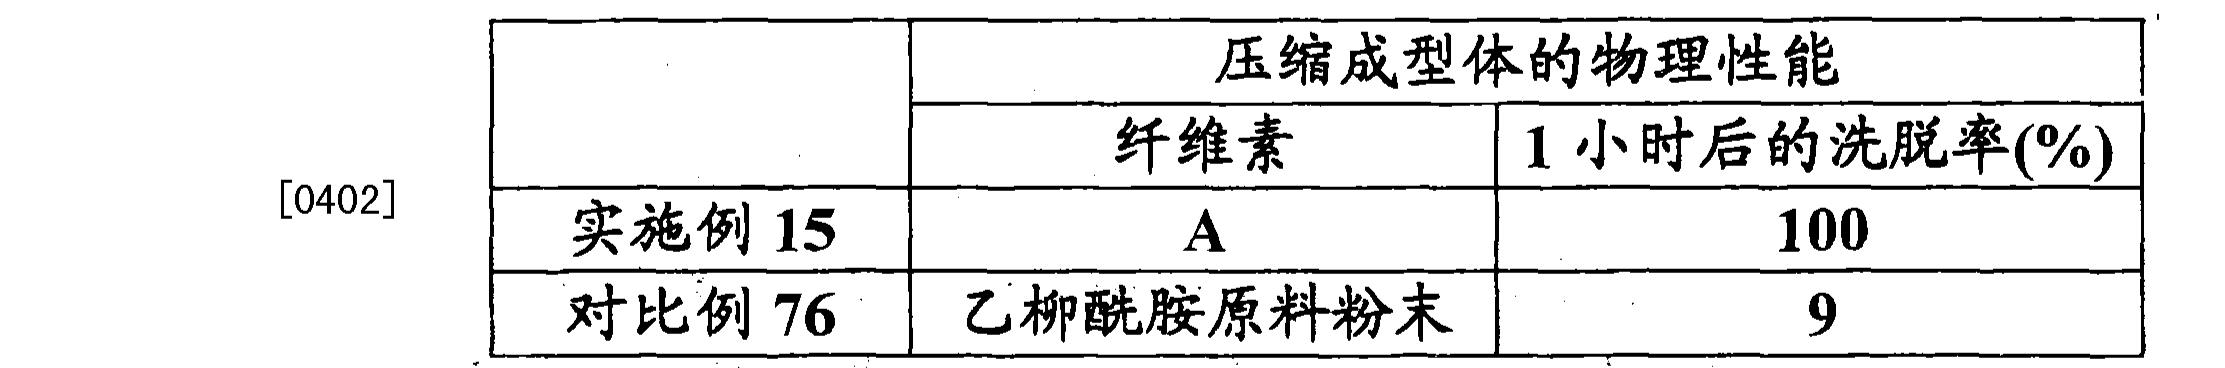 Figure CN101203553BD00552